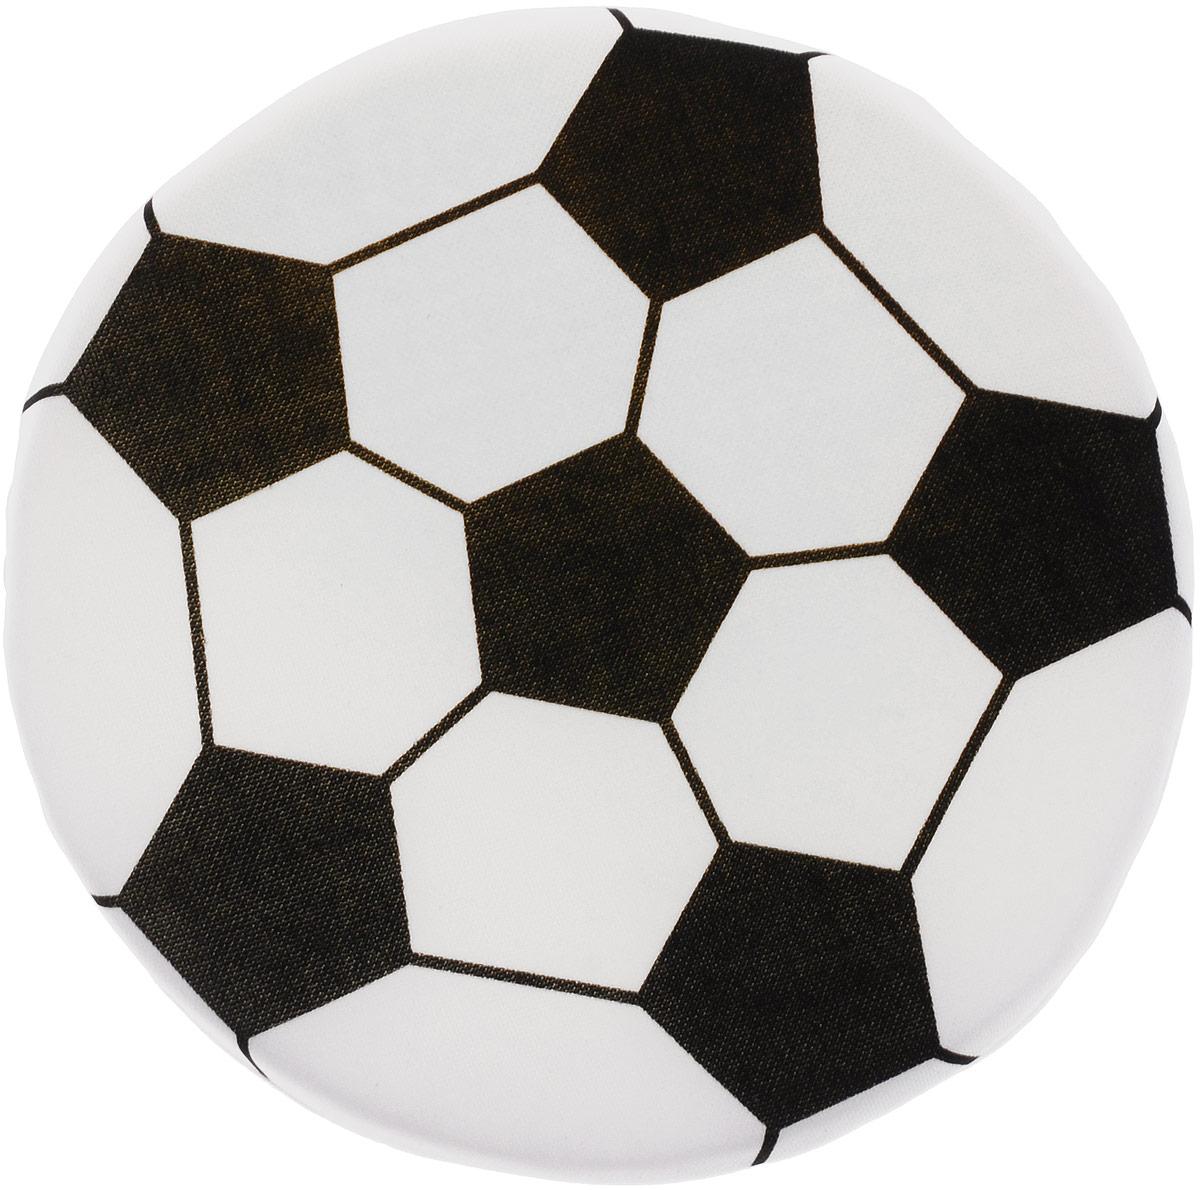 YG Sport Летающий диск Футбольный мячZIL1810-020Летающий диск YG Sport Футбольный мяч выполнен из текстиля с поролоновым наполнителем. Стилизация под футбольный мяч делает его идеальным для спортивных развлечений! Запускать можно как в зале, так и на свежем воздухе.